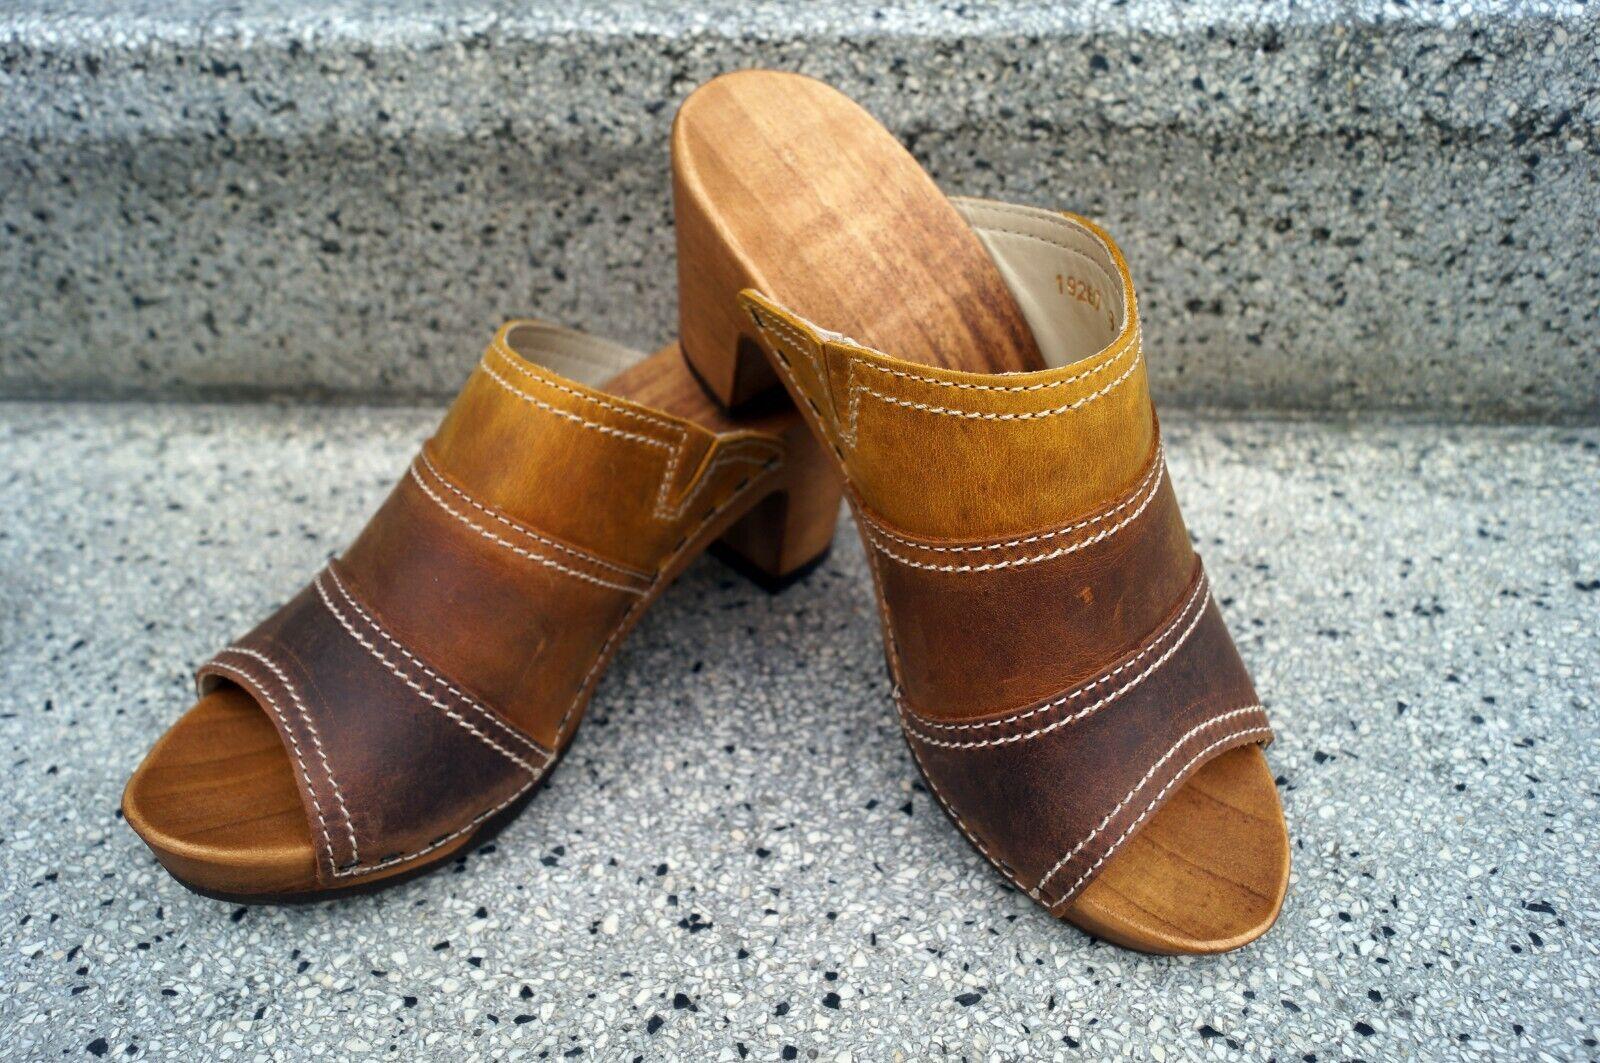 Woody Sandalias Mujer Wood-O-Flex Elly Tobacca-Amber